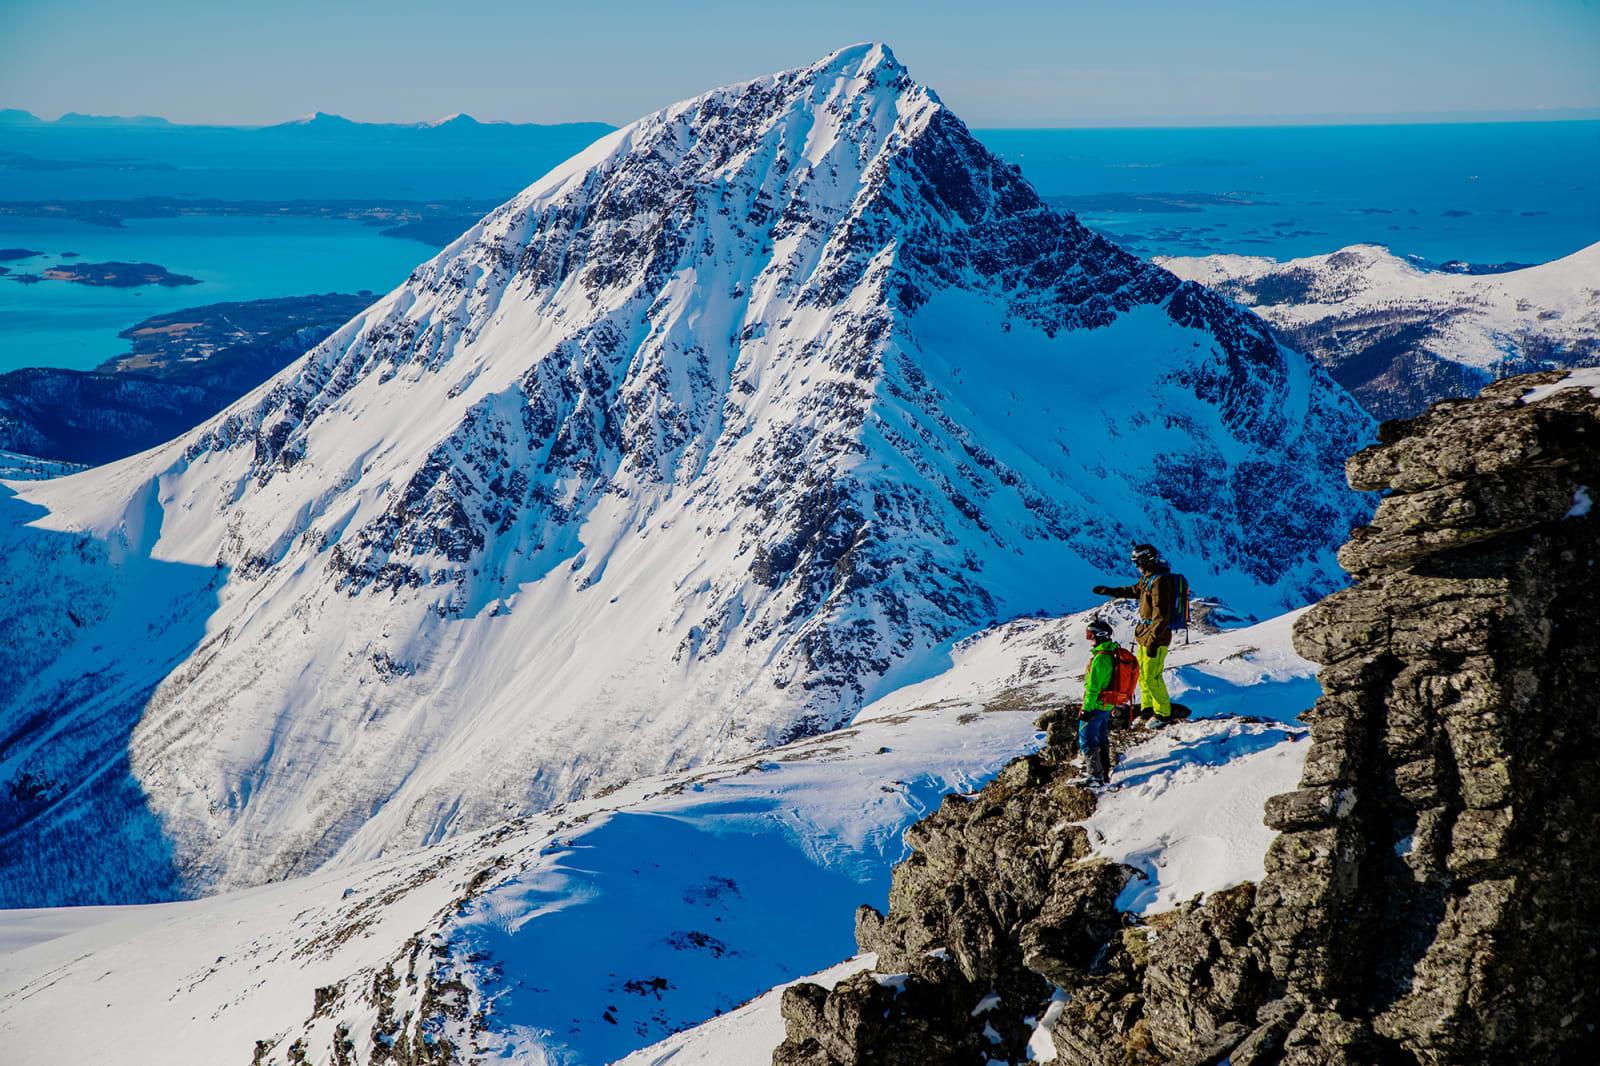 UT MOT HAVET: Sandnestindan og Trolltindan gir skiopplevelser de fleste tenker man må til Lofoten for å oppleve. Bilde: Terje Aamodt